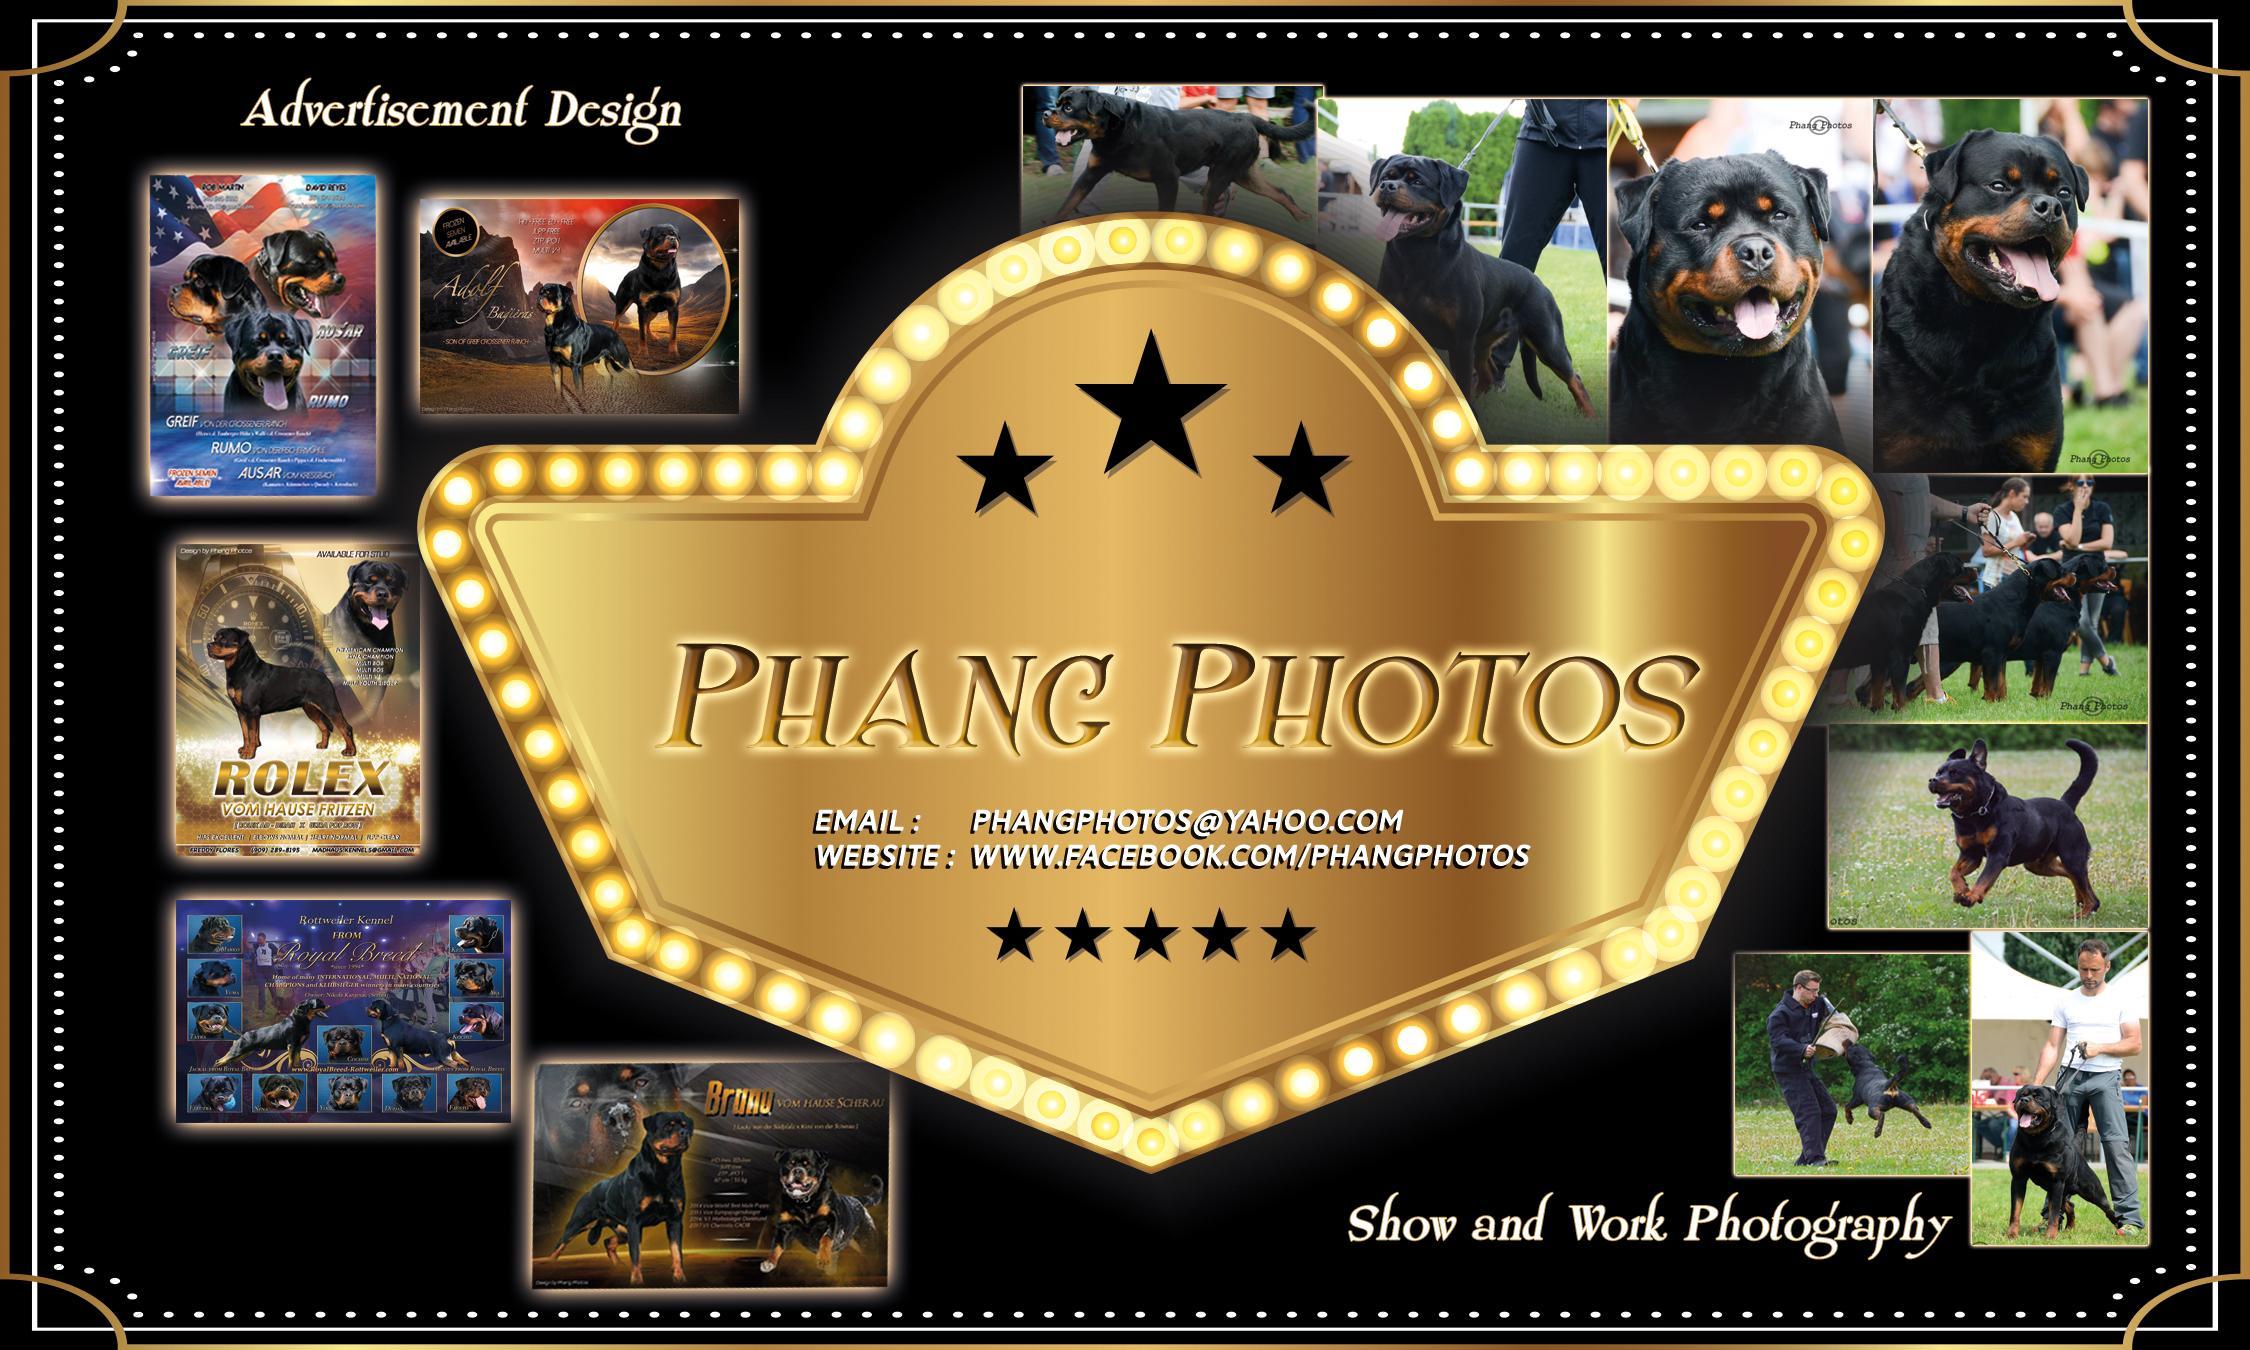 Phang Photos & Design